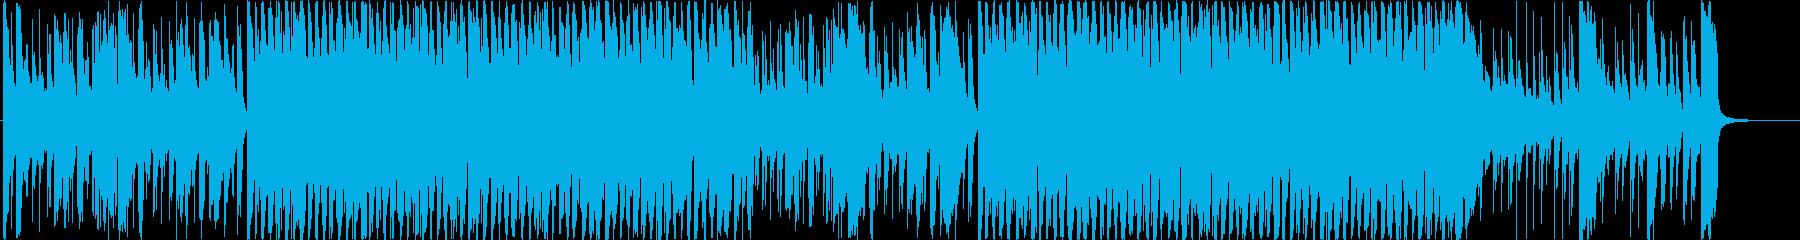 ポップでロックな明るいBGM♪の再生済みの波形